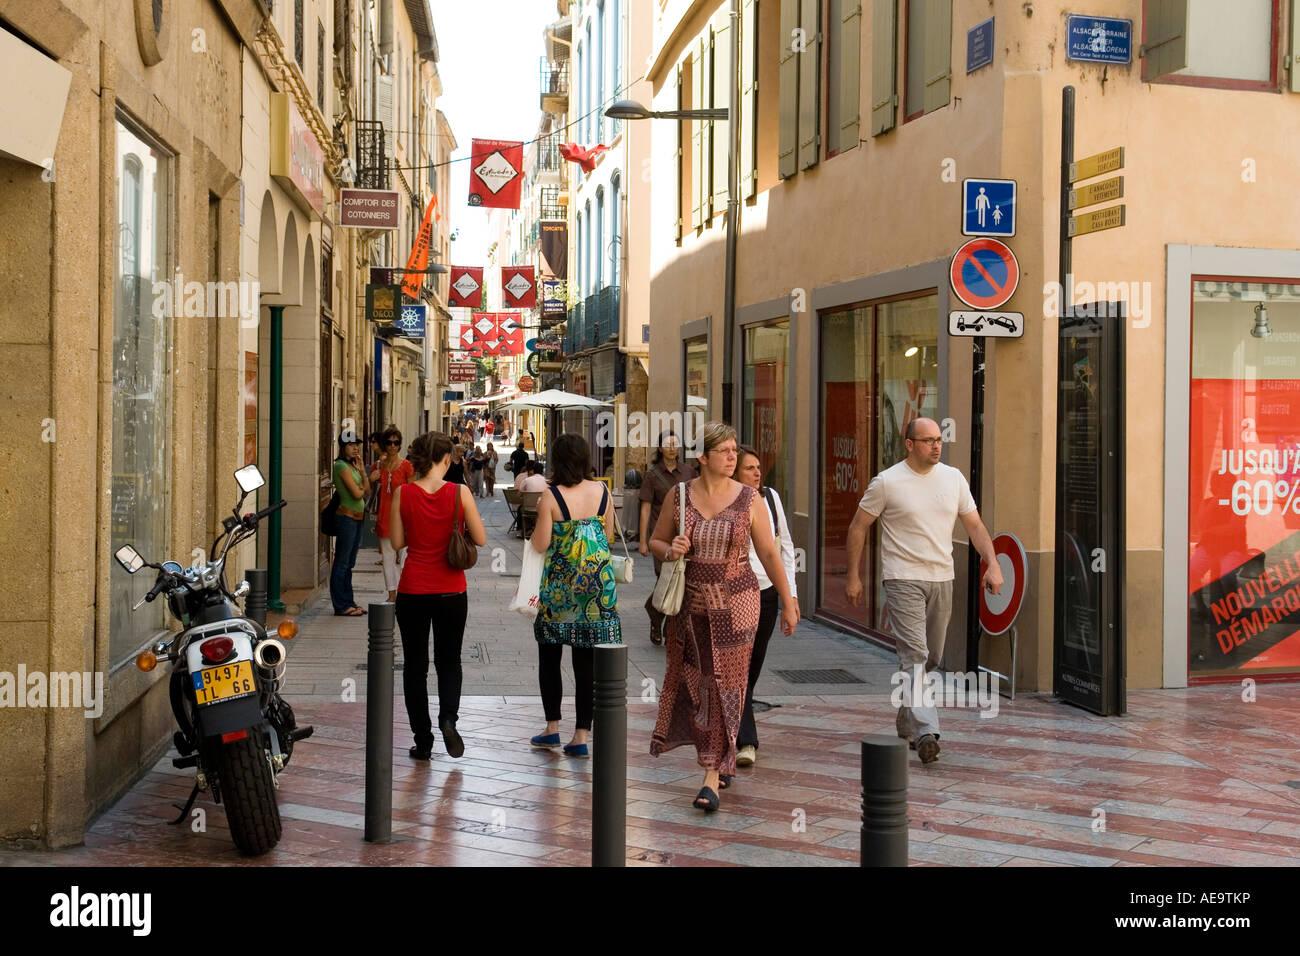 Clients dans la rue Mailly ville de Perpignan Languedoc Roussillon France Europe Photo Stock